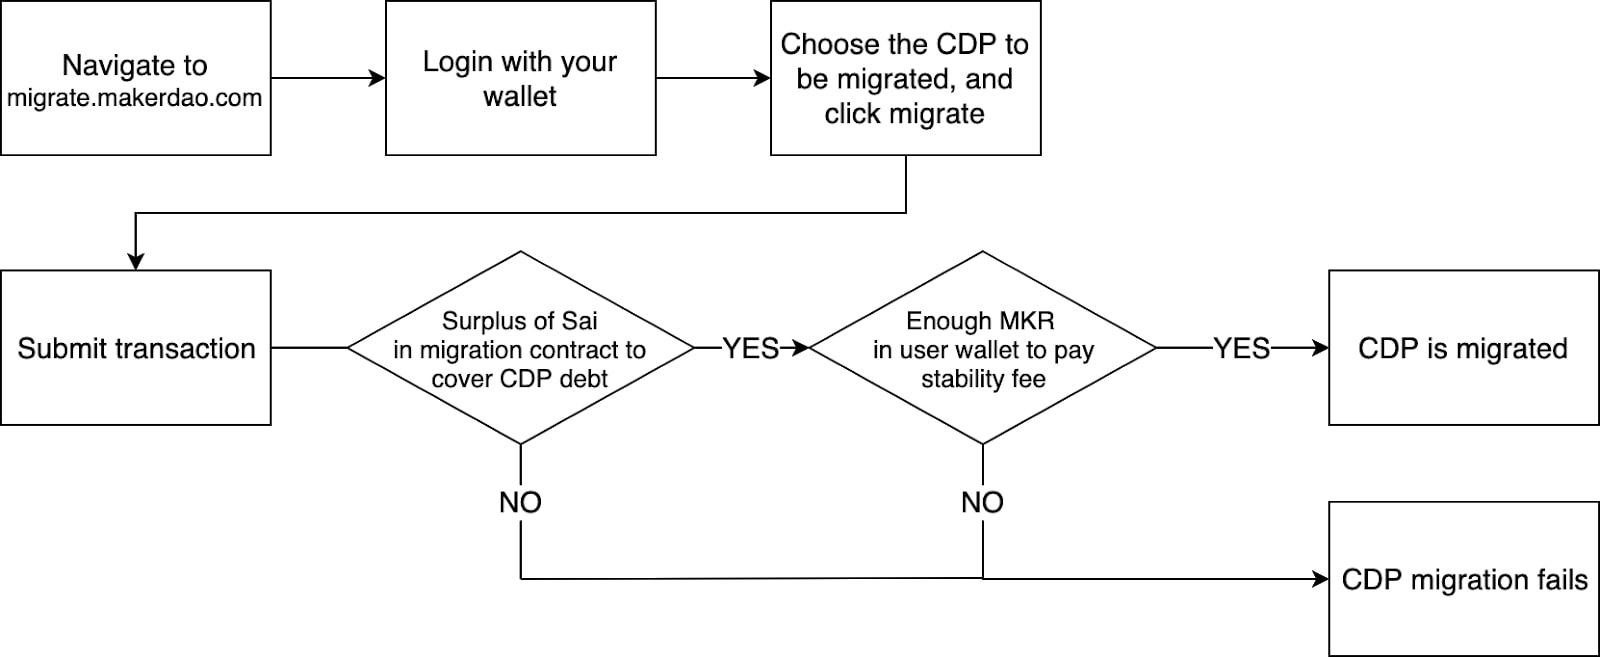 DAI میکر دیفای defi قرارداد هوشمند وام دهی و قرض دهی استیبل کوین کسب درآمد اتریوم وثیقه